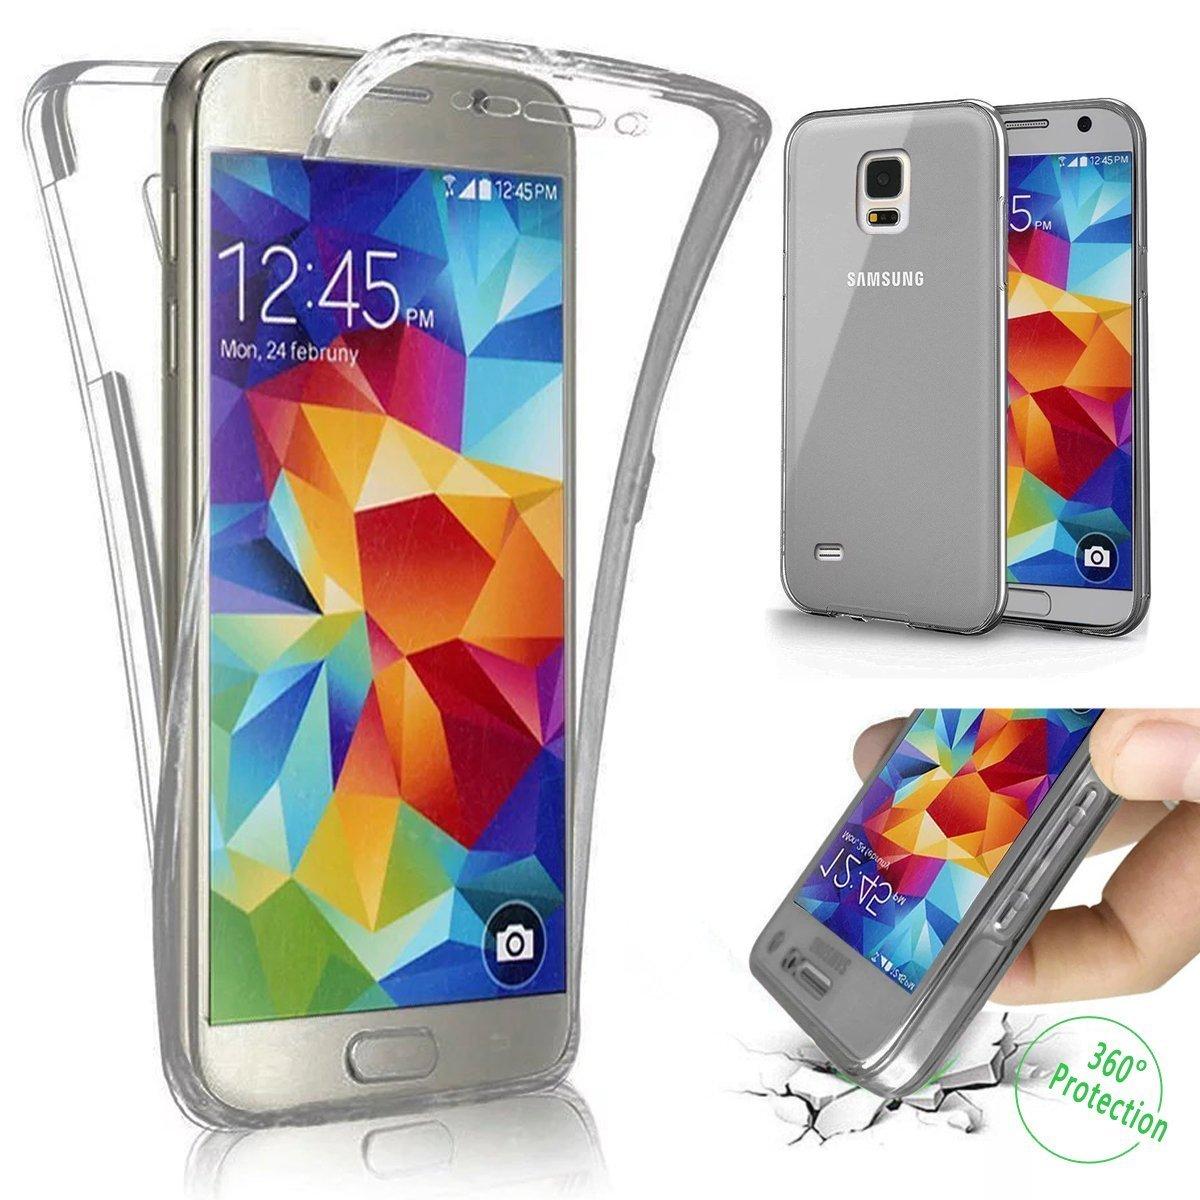 Funda Samsung Galaxy Note 3, YSIMEE Transparente Silicona 360° Full Body Fundas para Samsung Galaxy Note 3 Carcasa Protección Bumper Antigolpes Fina Flexibles Delanteros y Traseros para Samsung Galaxy Note 3-Azul